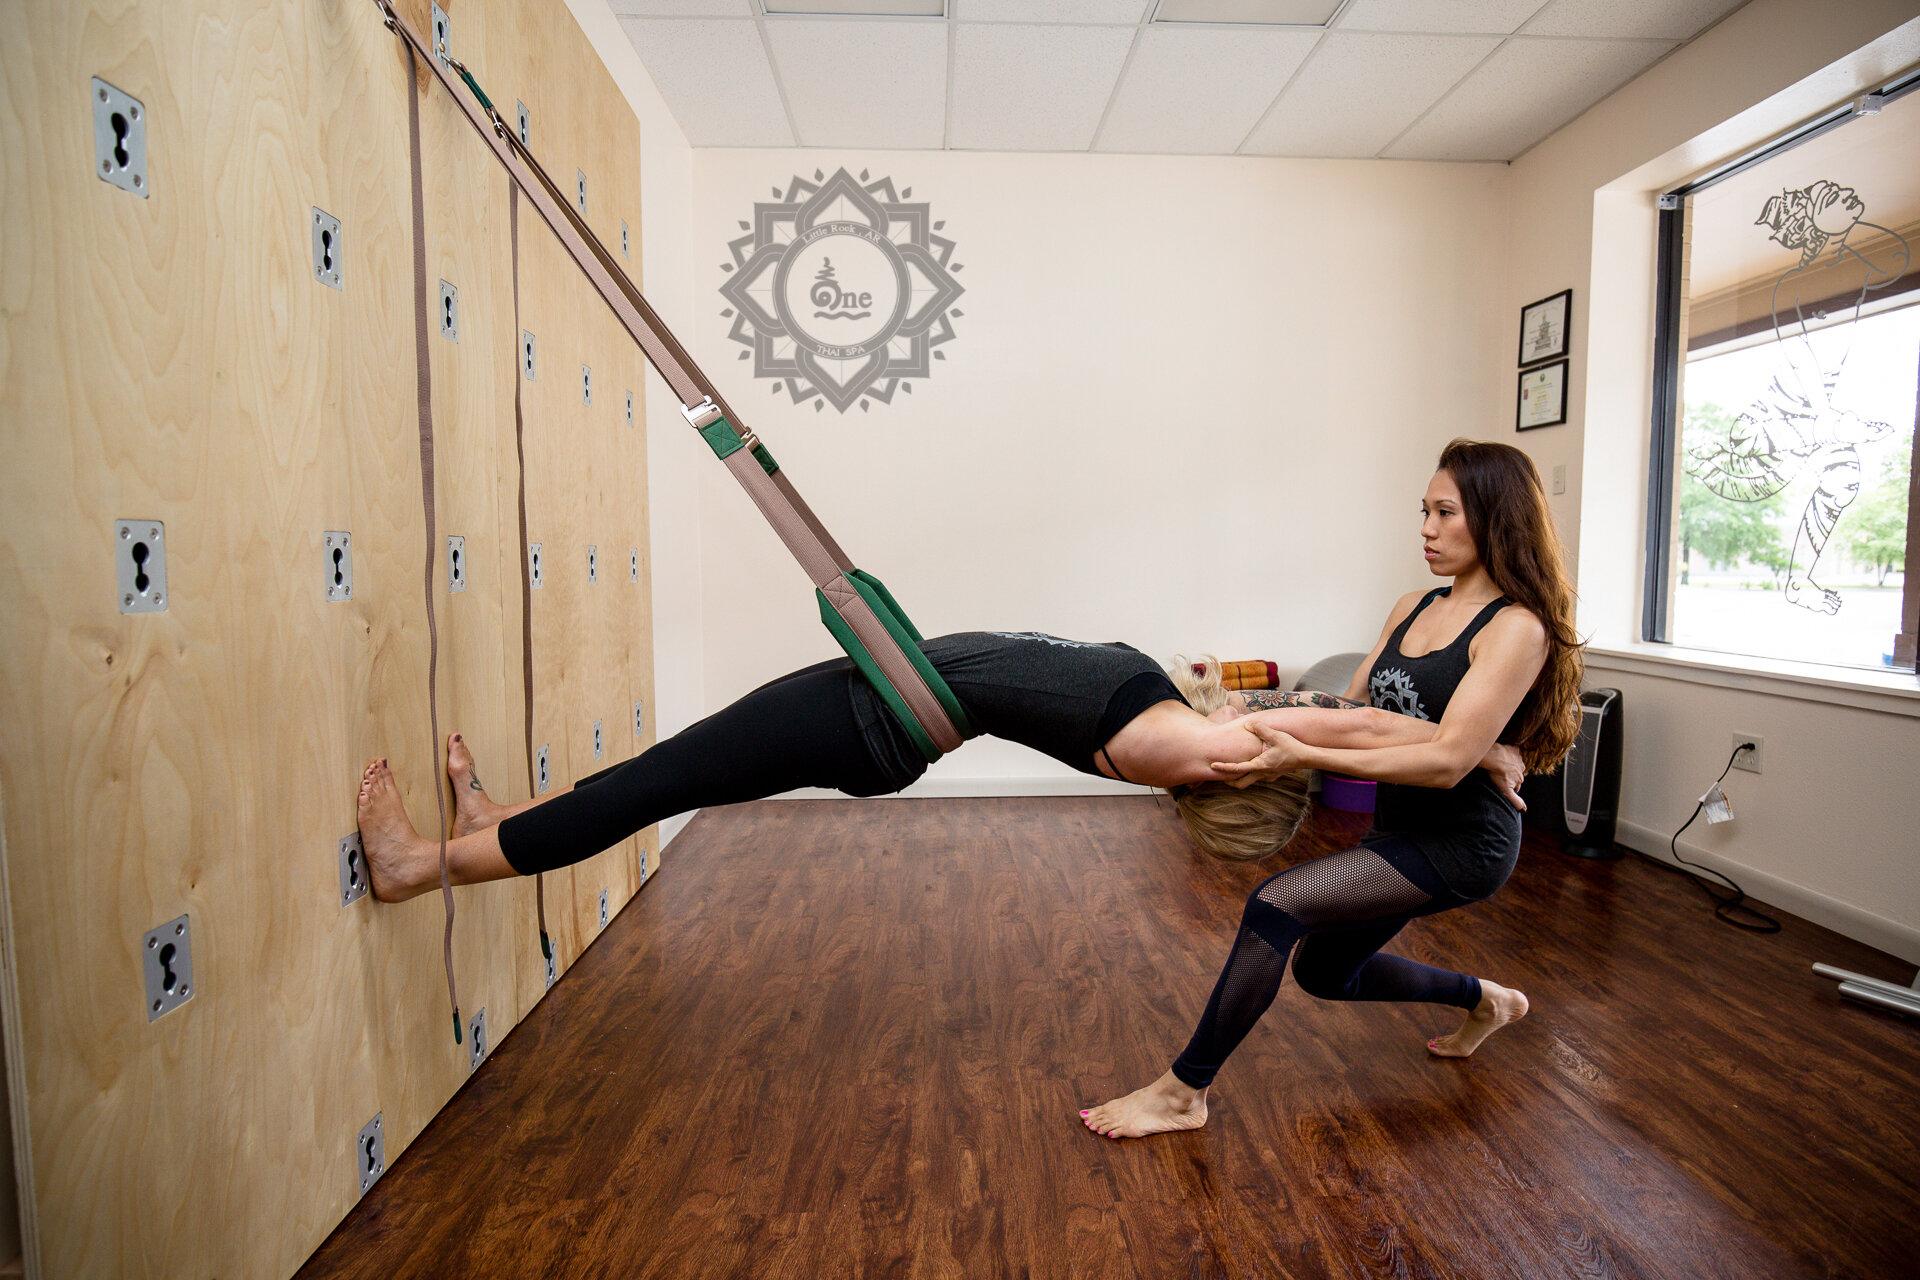 Yogawall